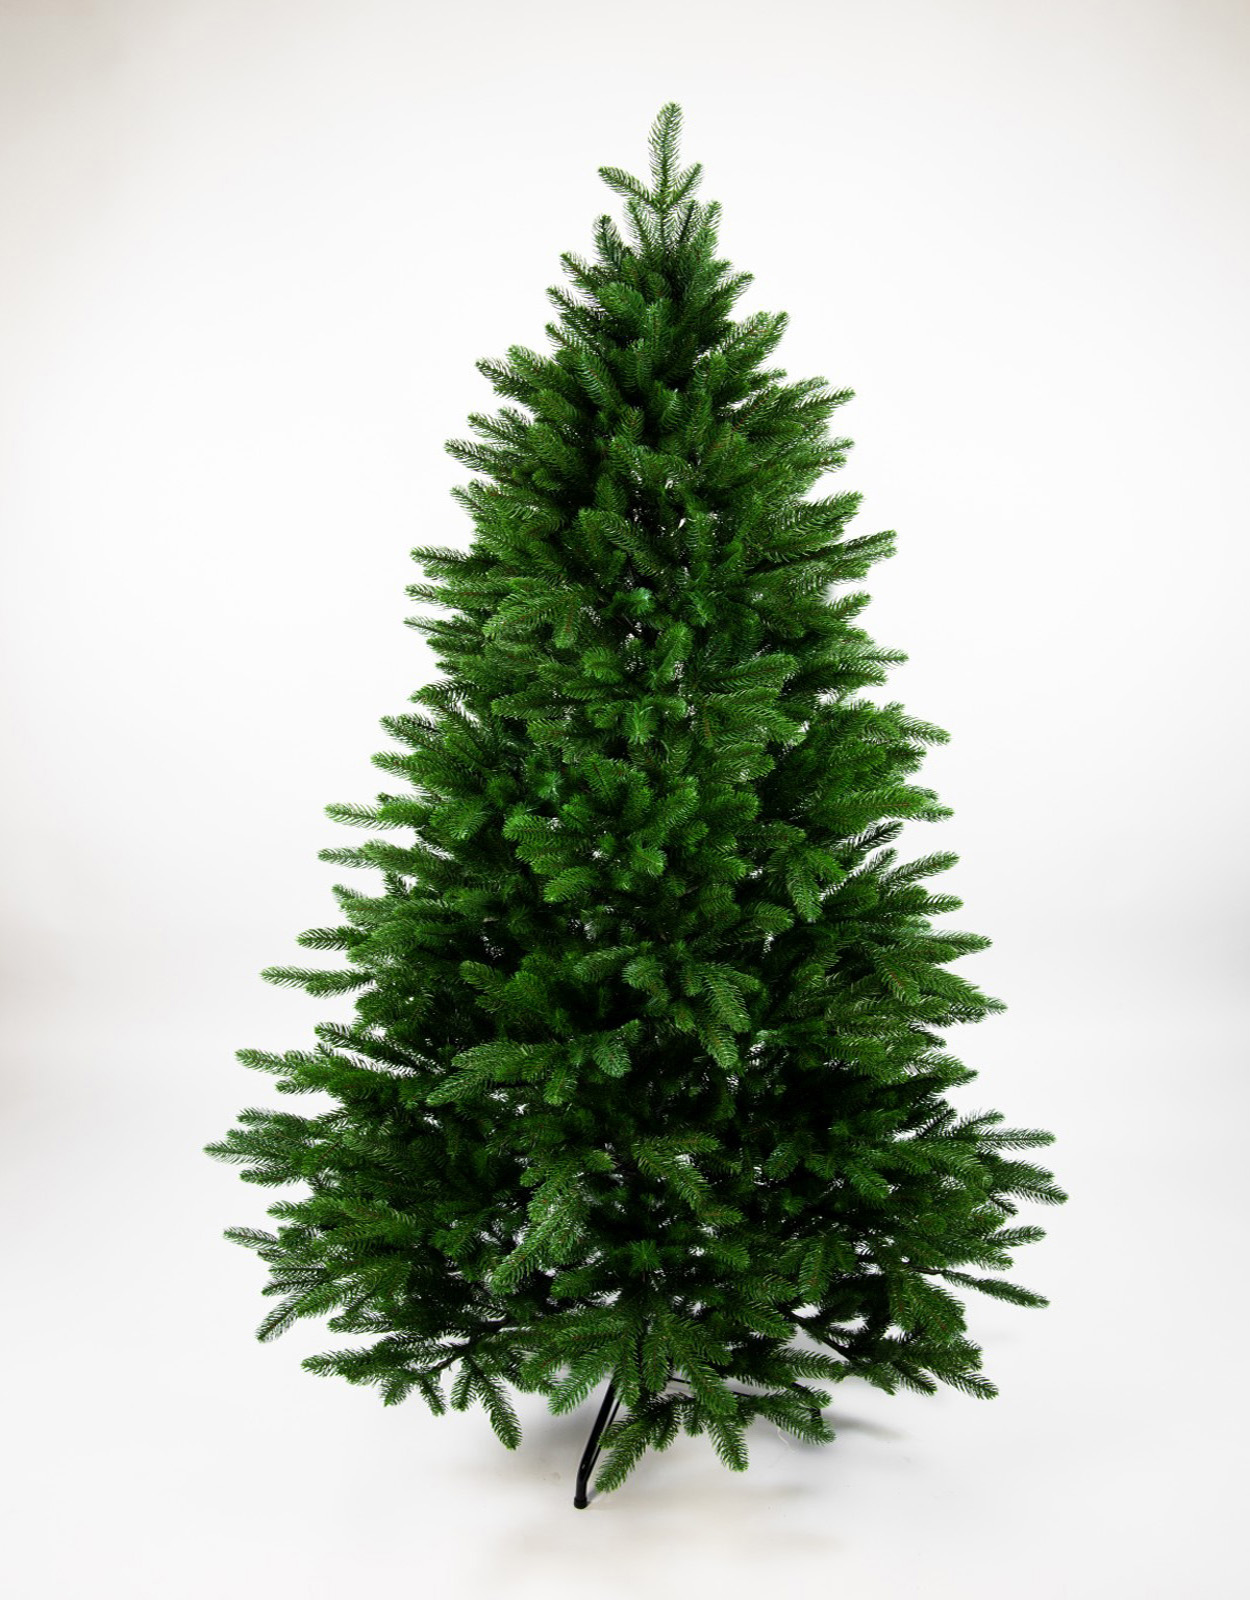 nordmanntanne 210cm k nstlicher weihnachtsbaum tannenbaum kunststoff spritzguss 4251341705673 ebay. Black Bedroom Furniture Sets. Home Design Ideas